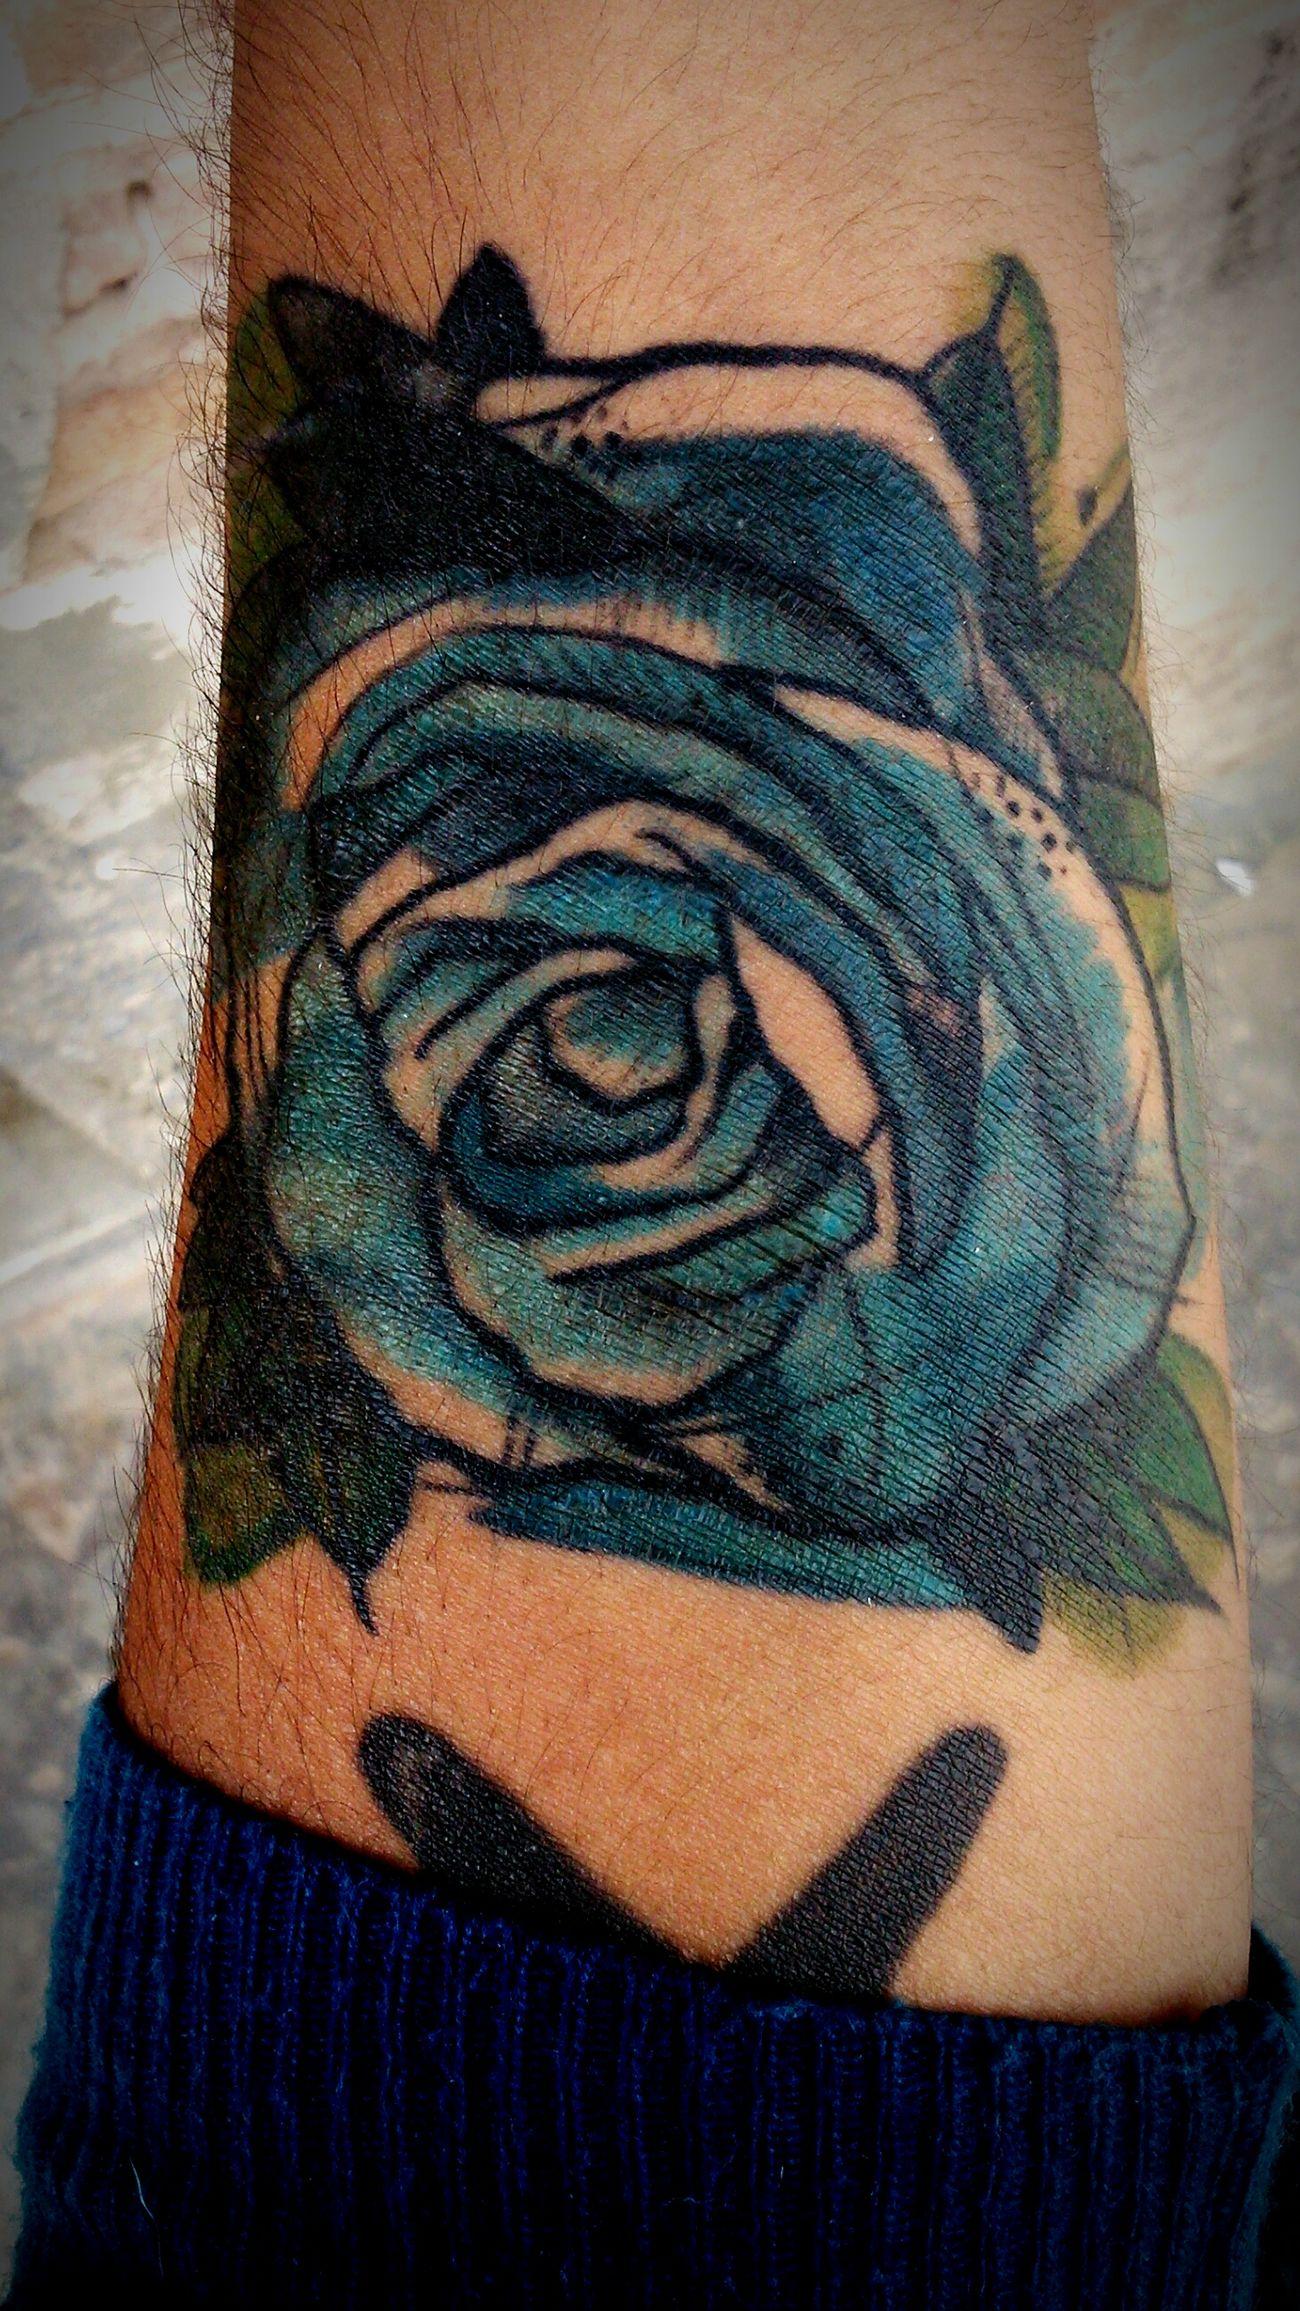 Bluerose Tattoo Newtattoo Colors Rosa Azul OpenEdit Nuevotatuaje